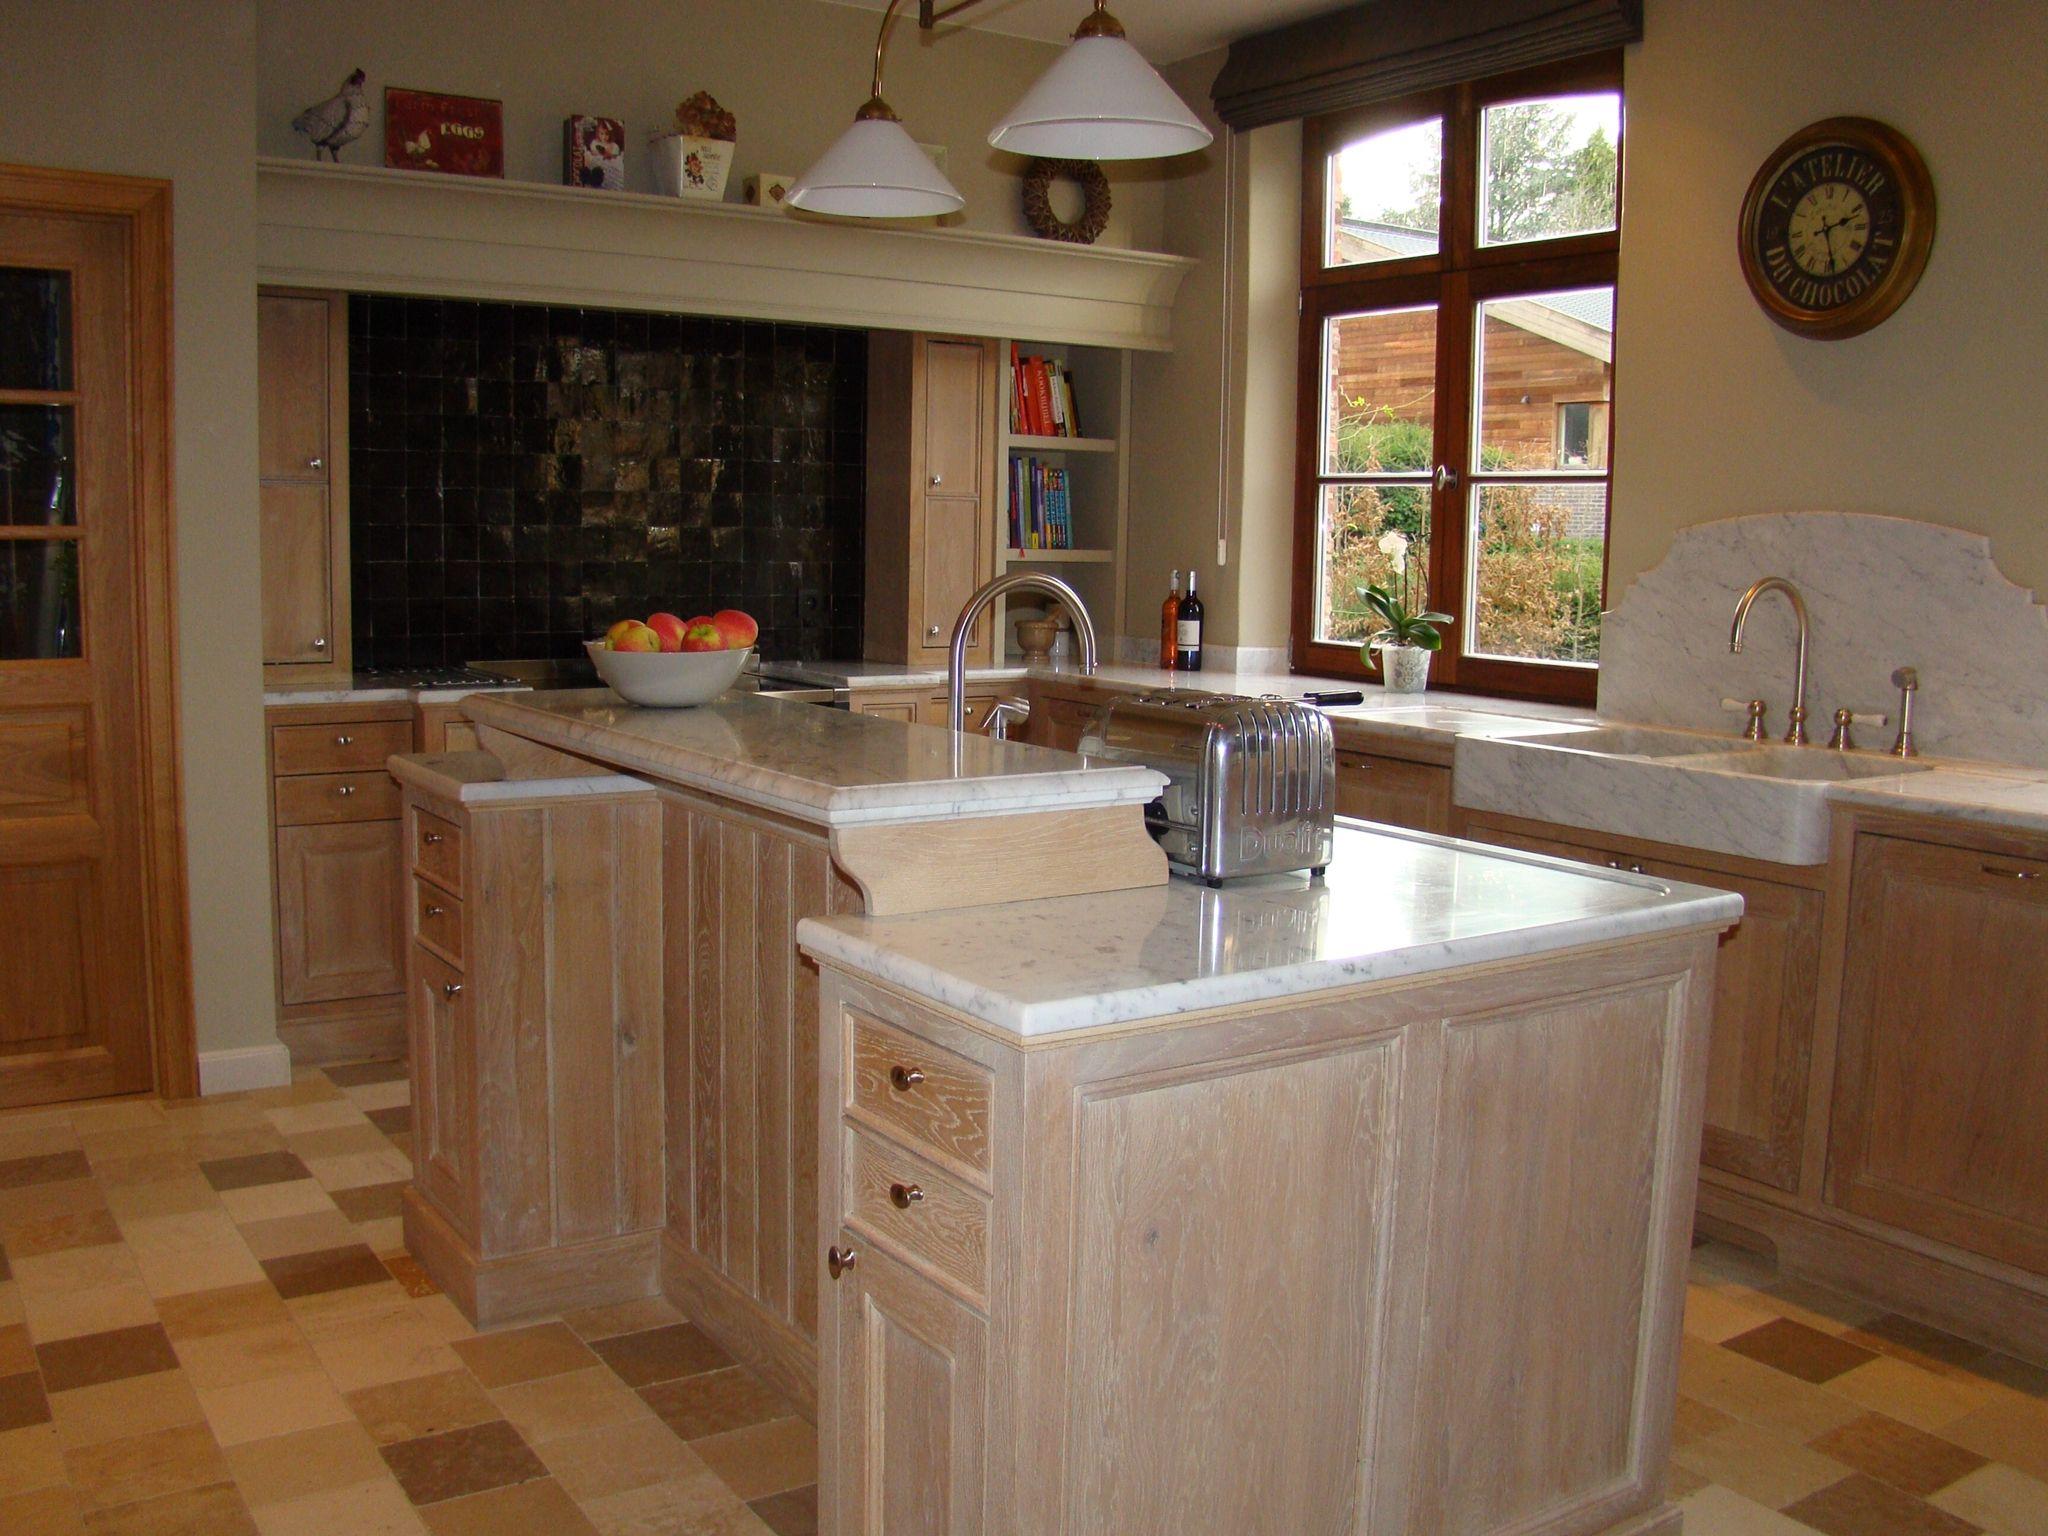 Keuken Gietvloer Marmer : Zwarte keuken met wit marmeren blad u informatie over de keuken